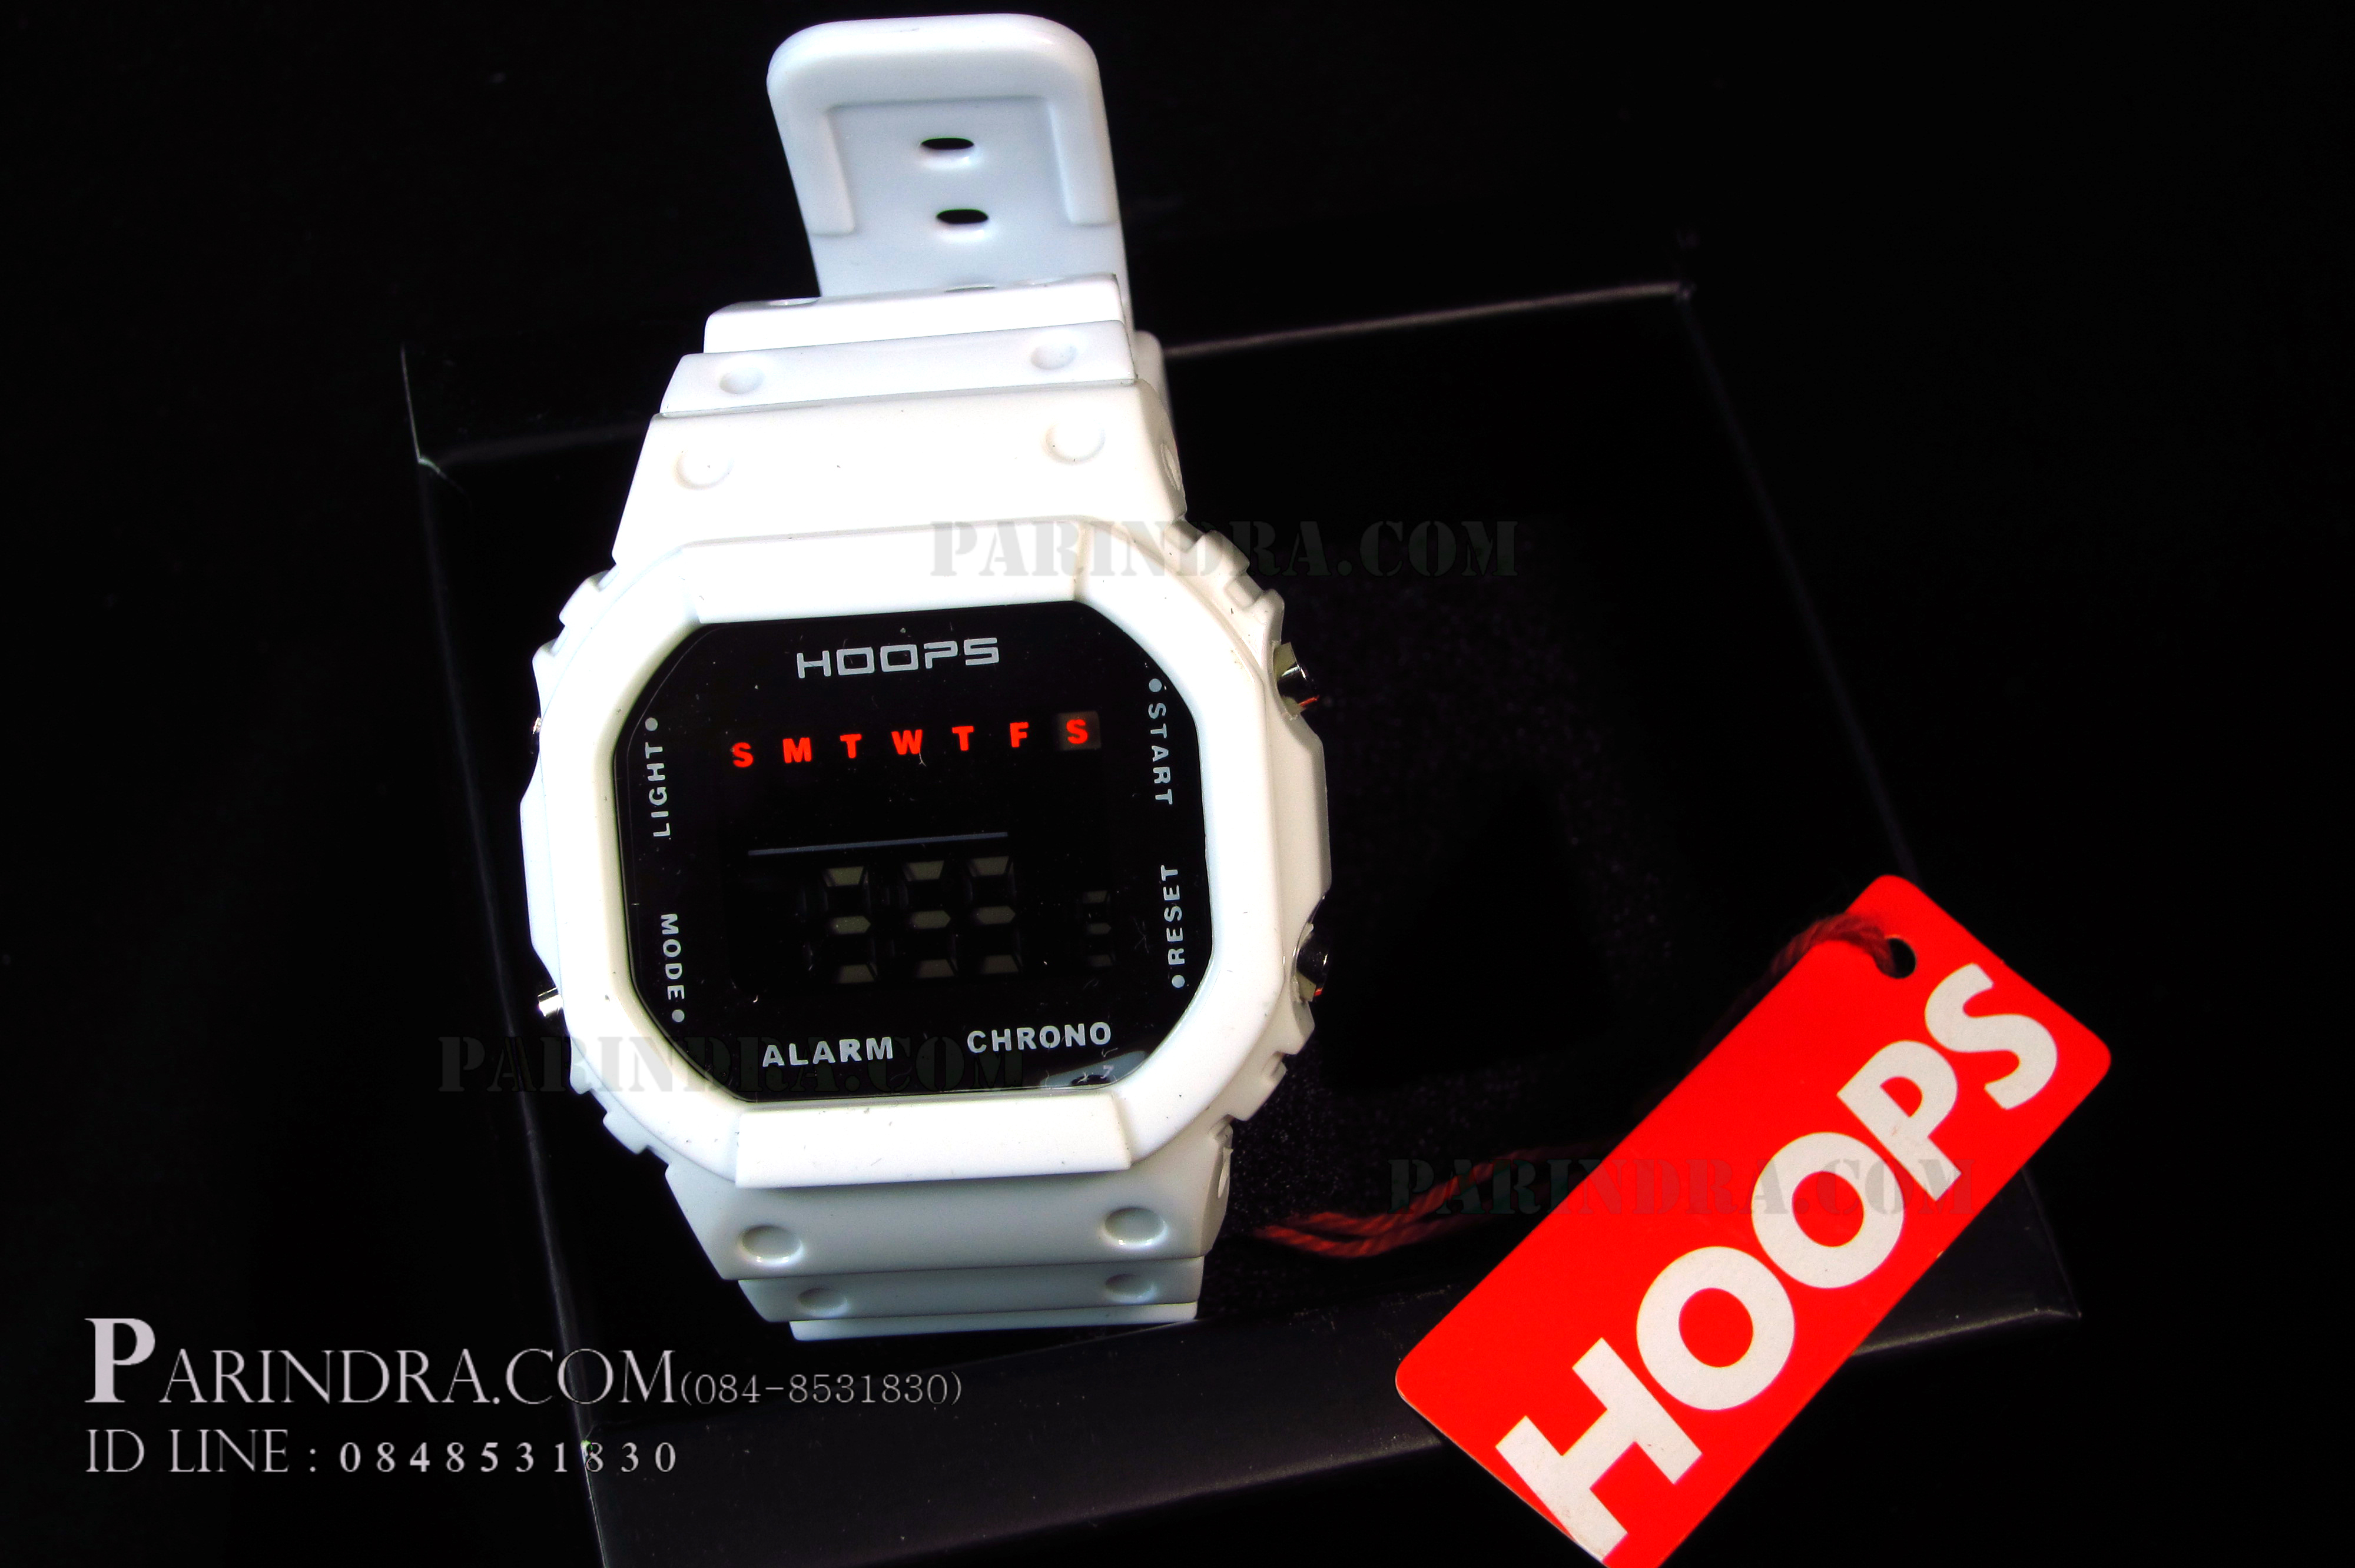 นาฬิกา Hoops ระบบดิจิตอลสีขาวทึบ